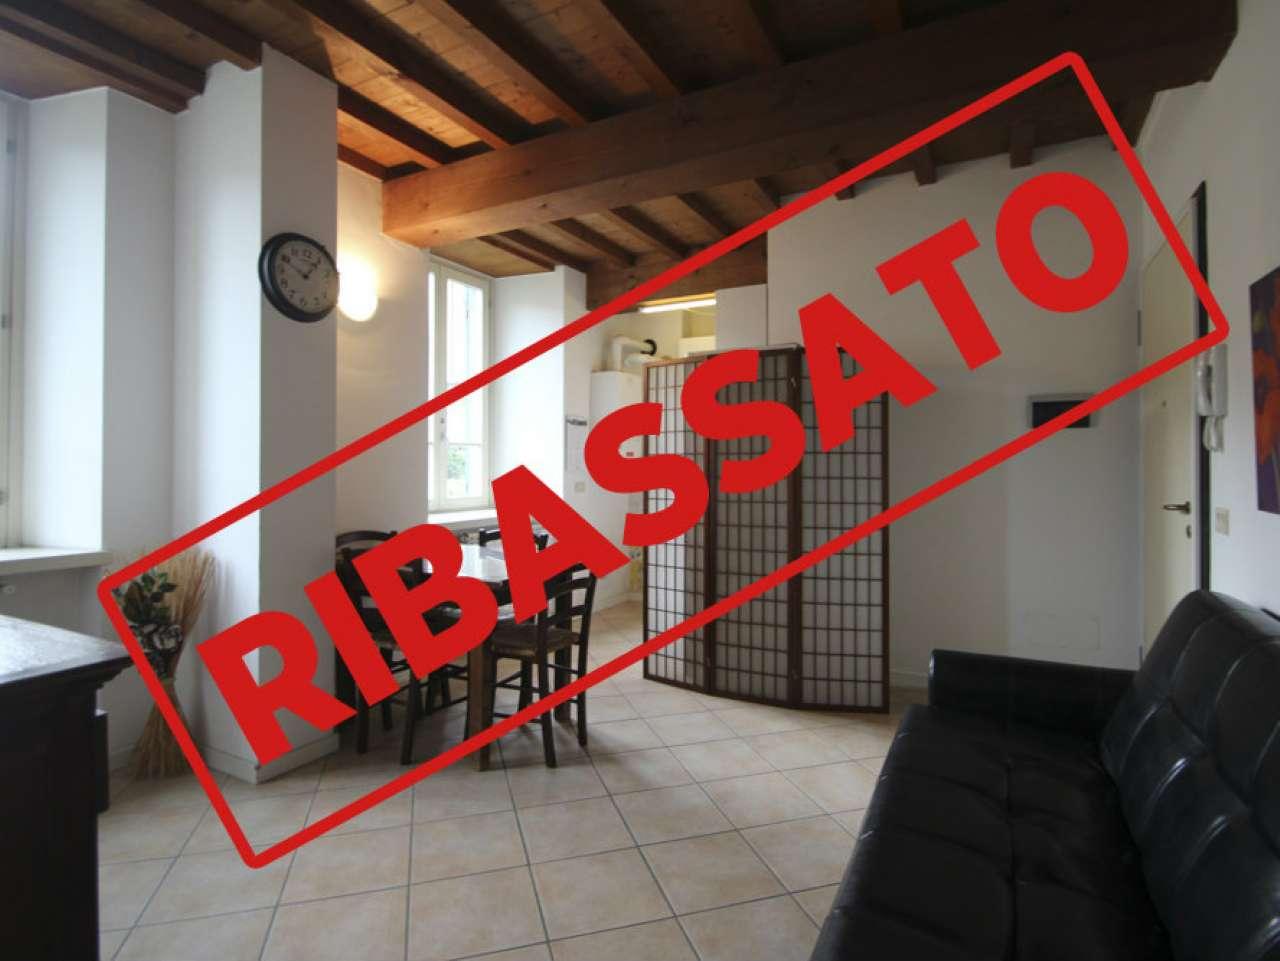 Appartamento in vendita a Ranzanico, 1 locali, prezzo € 58.000 | CambioCasa.it